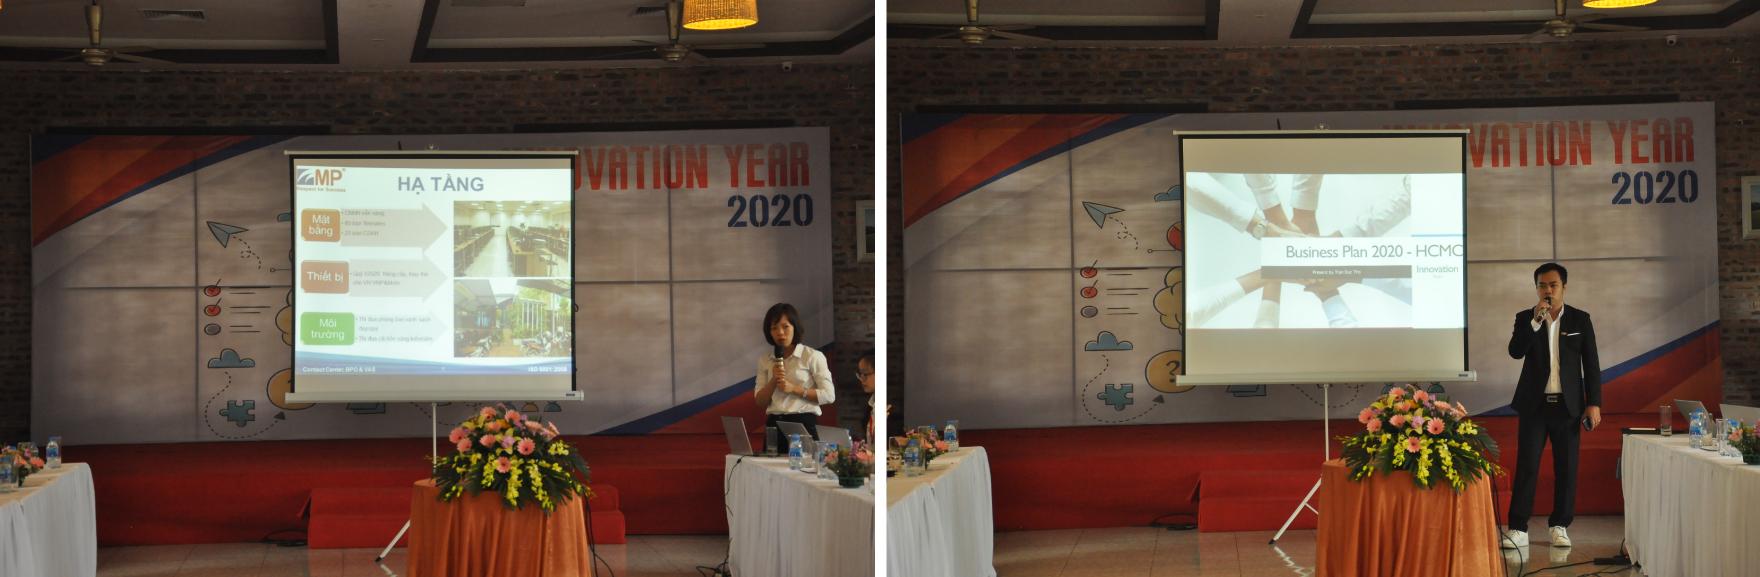 mptelecom-hoi-nghi-3-mien-chi-nhanh-2020